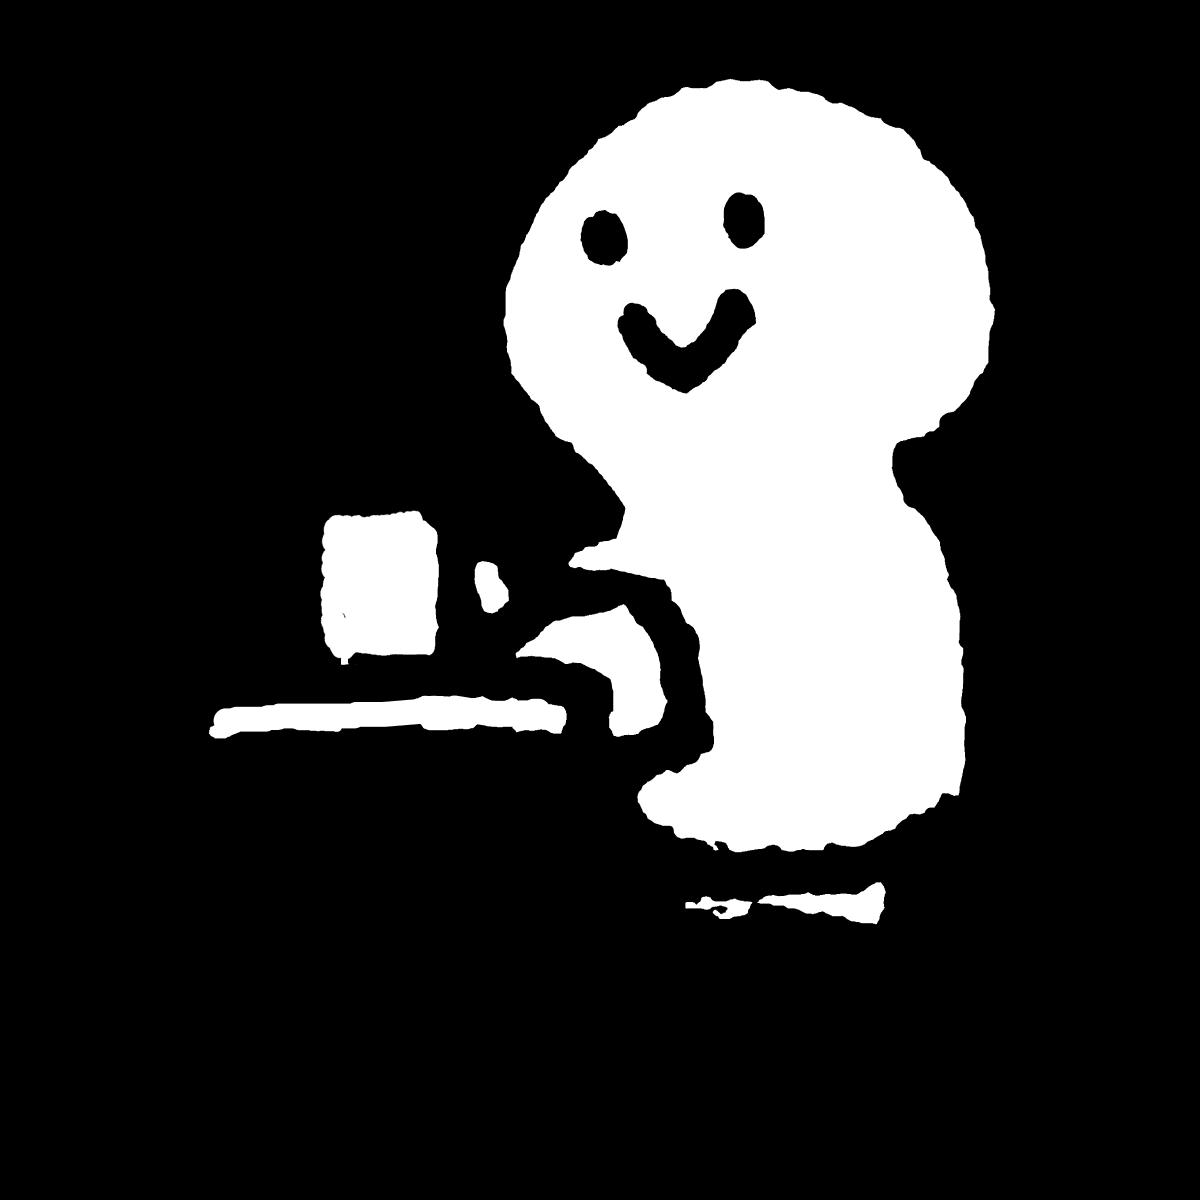 カフェでドリンクを飲む(湯気なし有り)のイラスト / Drinking at a cafe (no steam) Illustration